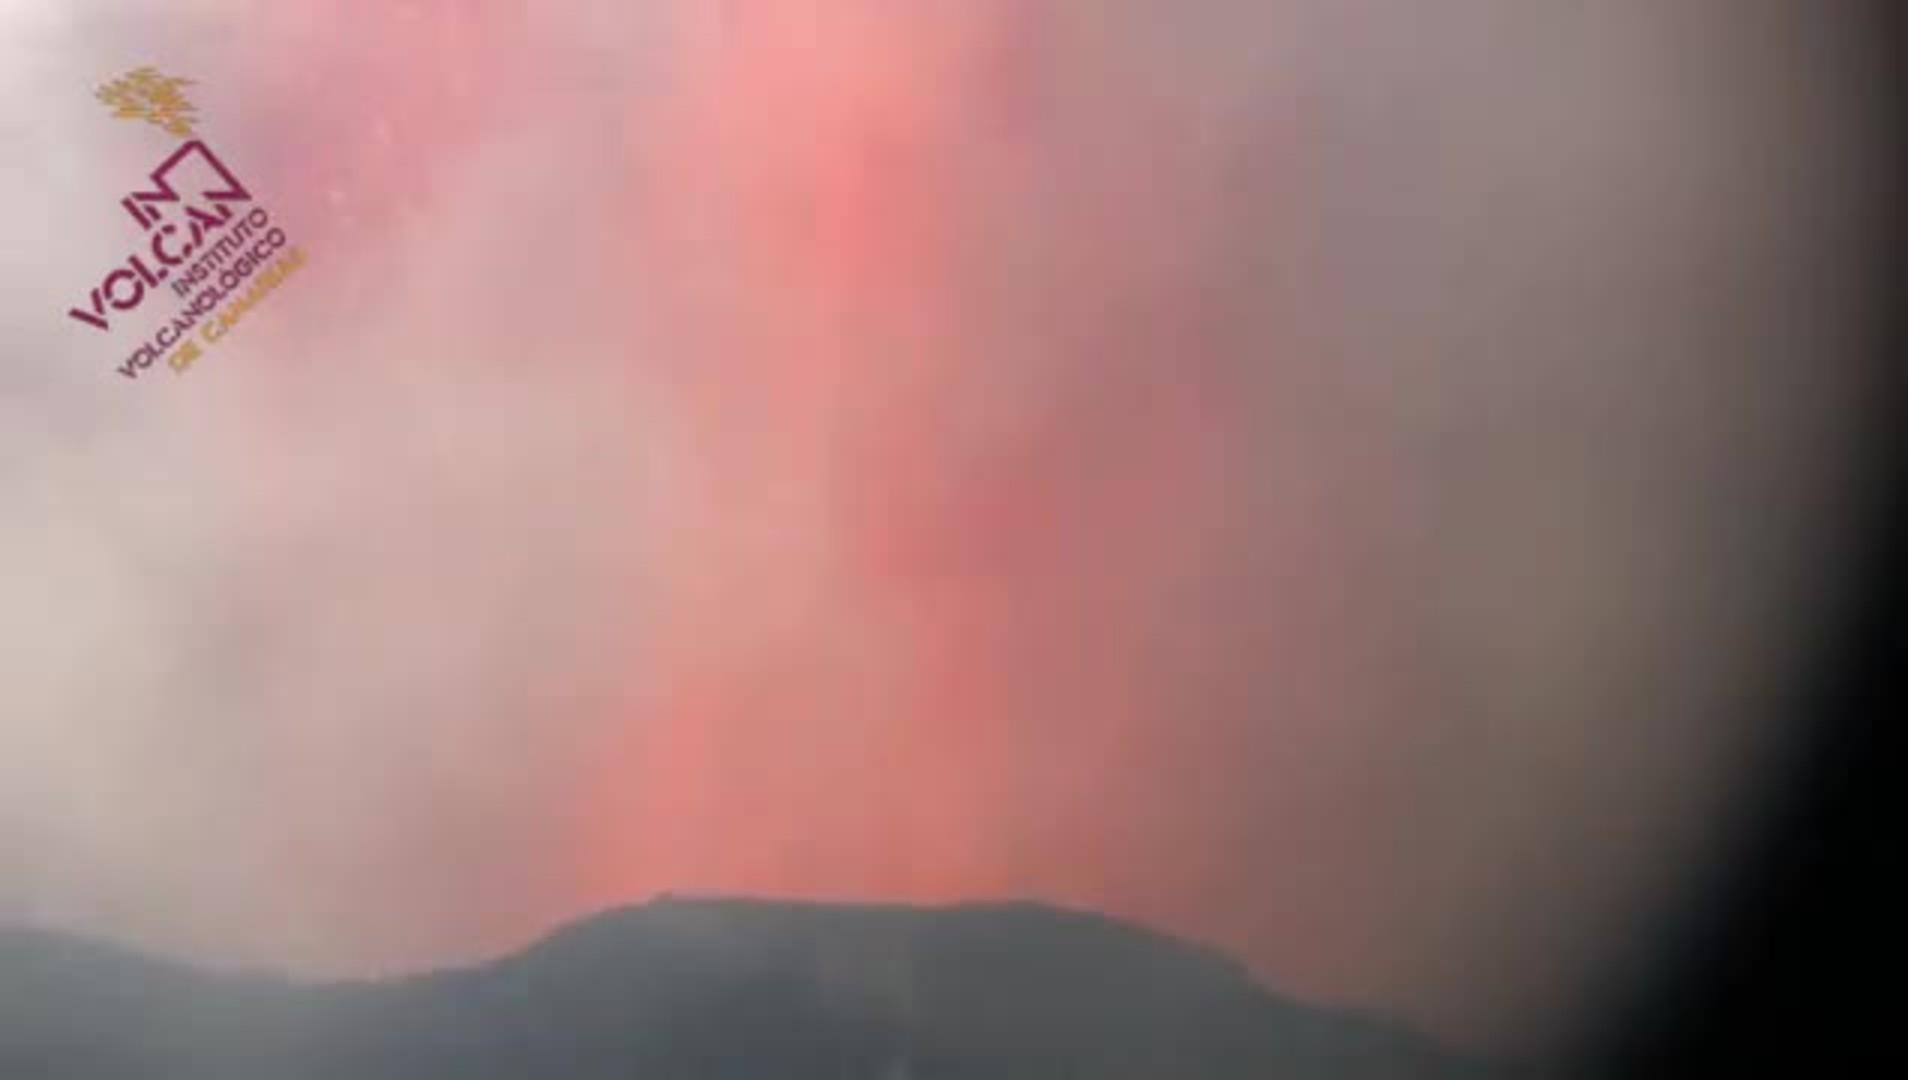 Erupción desde Tacande, en las que se observa la emisión de piroclastos.